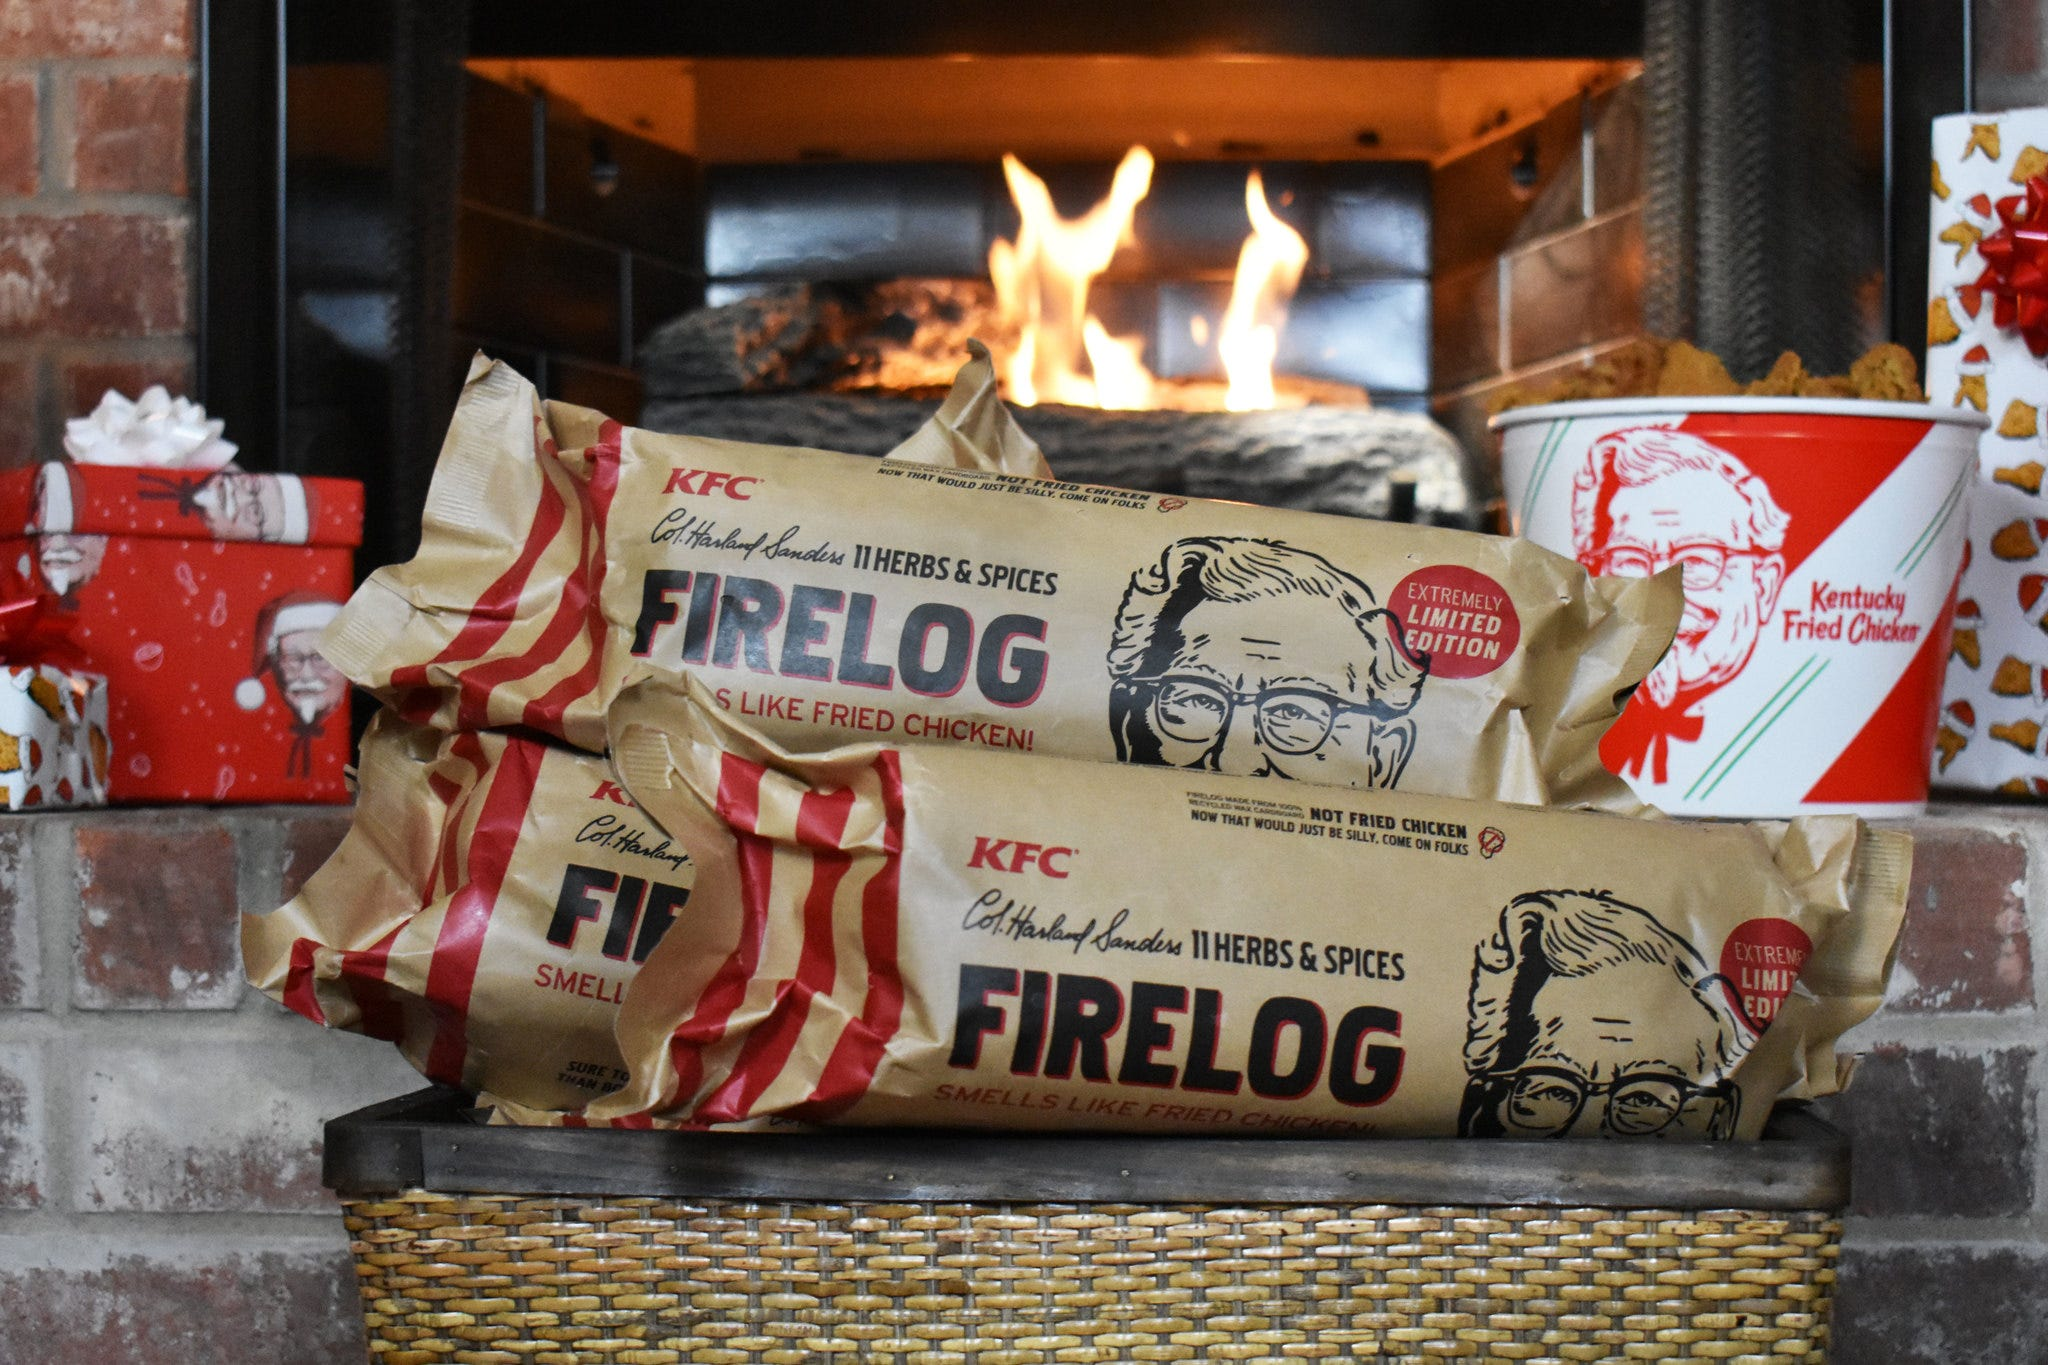 KFC FIRE LOG 11 HERBS AND SPICES ENVIROLOG KENTUCKY FRIED CHICKEN FIRELOG NEW!